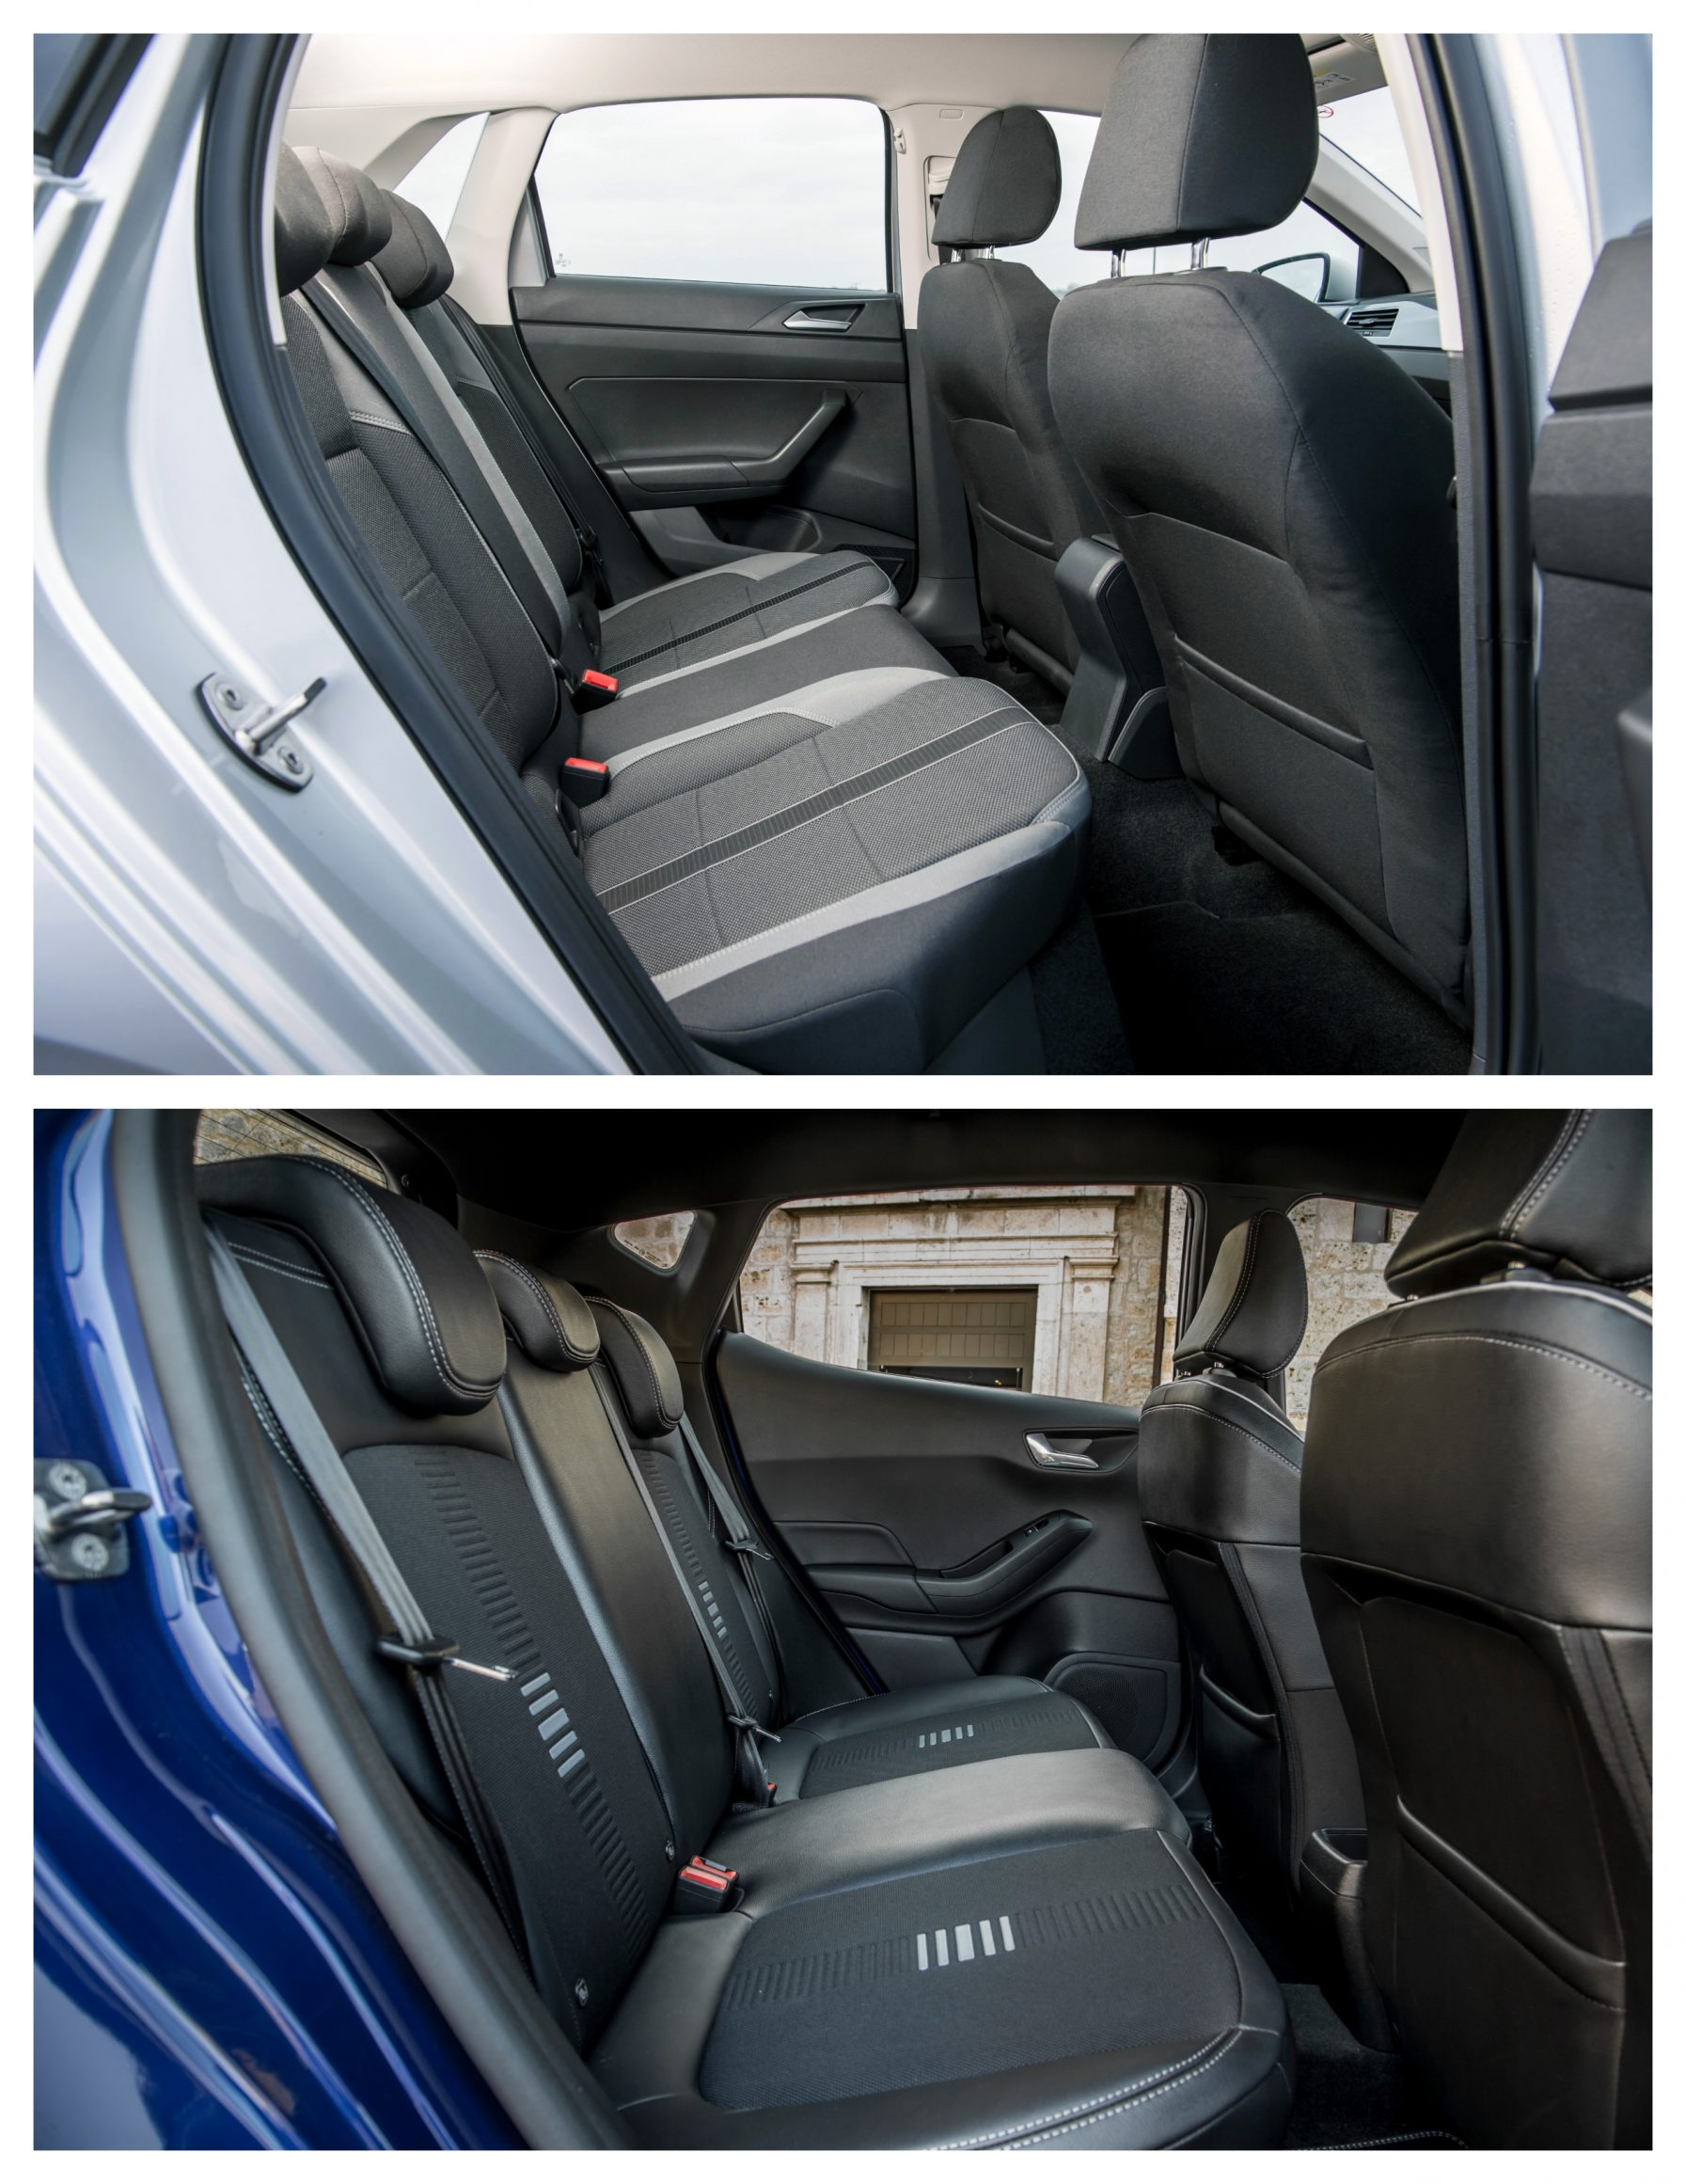 Polo Vs Fiesta - interior space